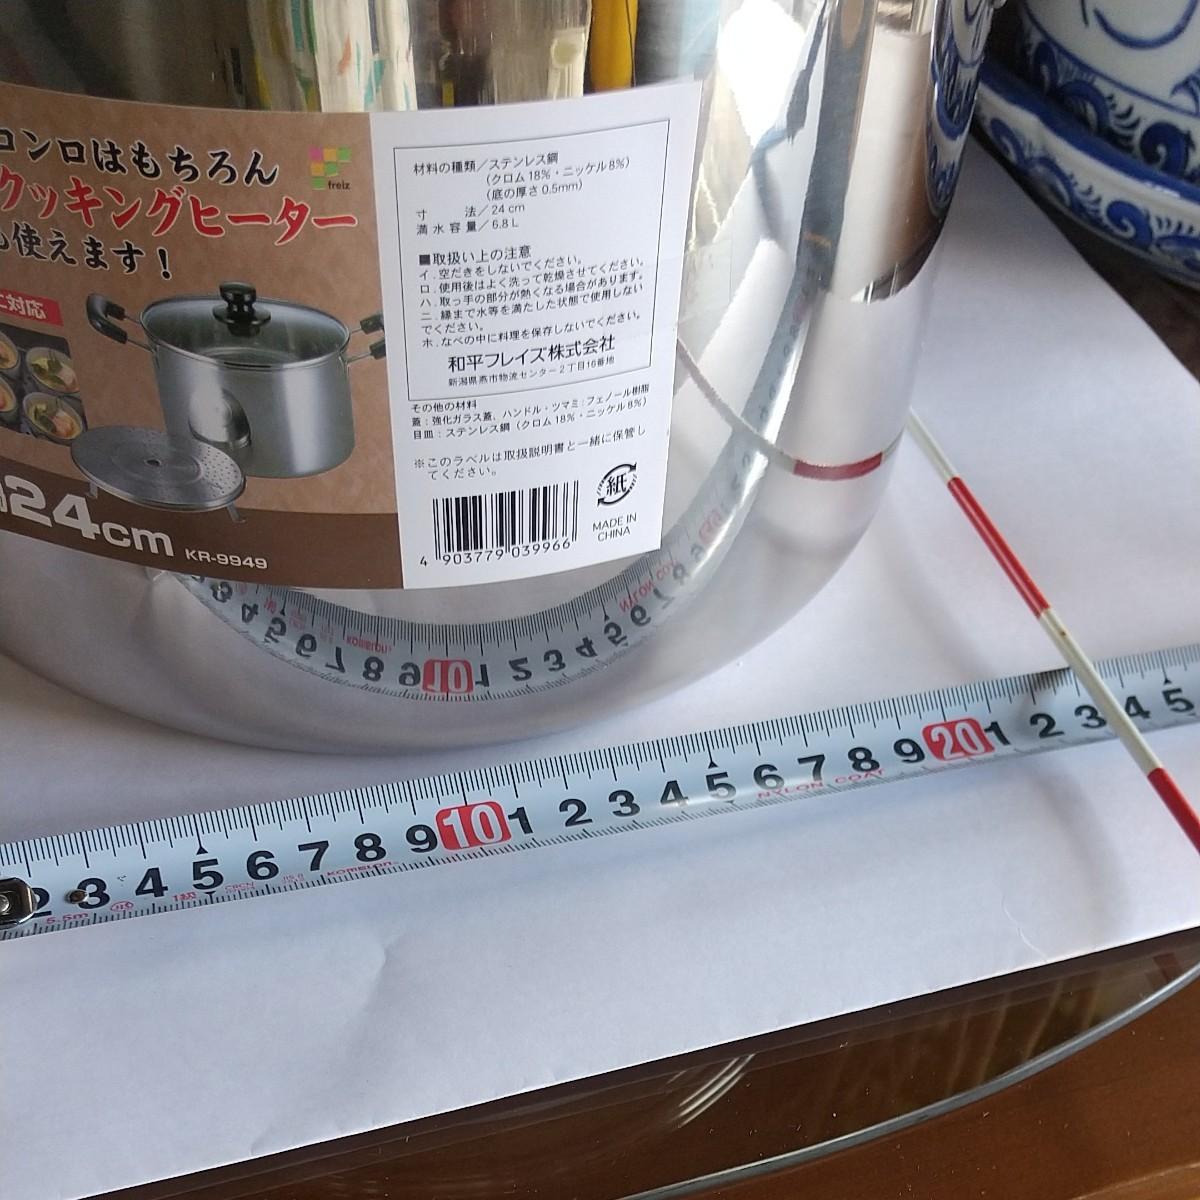 両手鍋 IH対応 (調理器具)